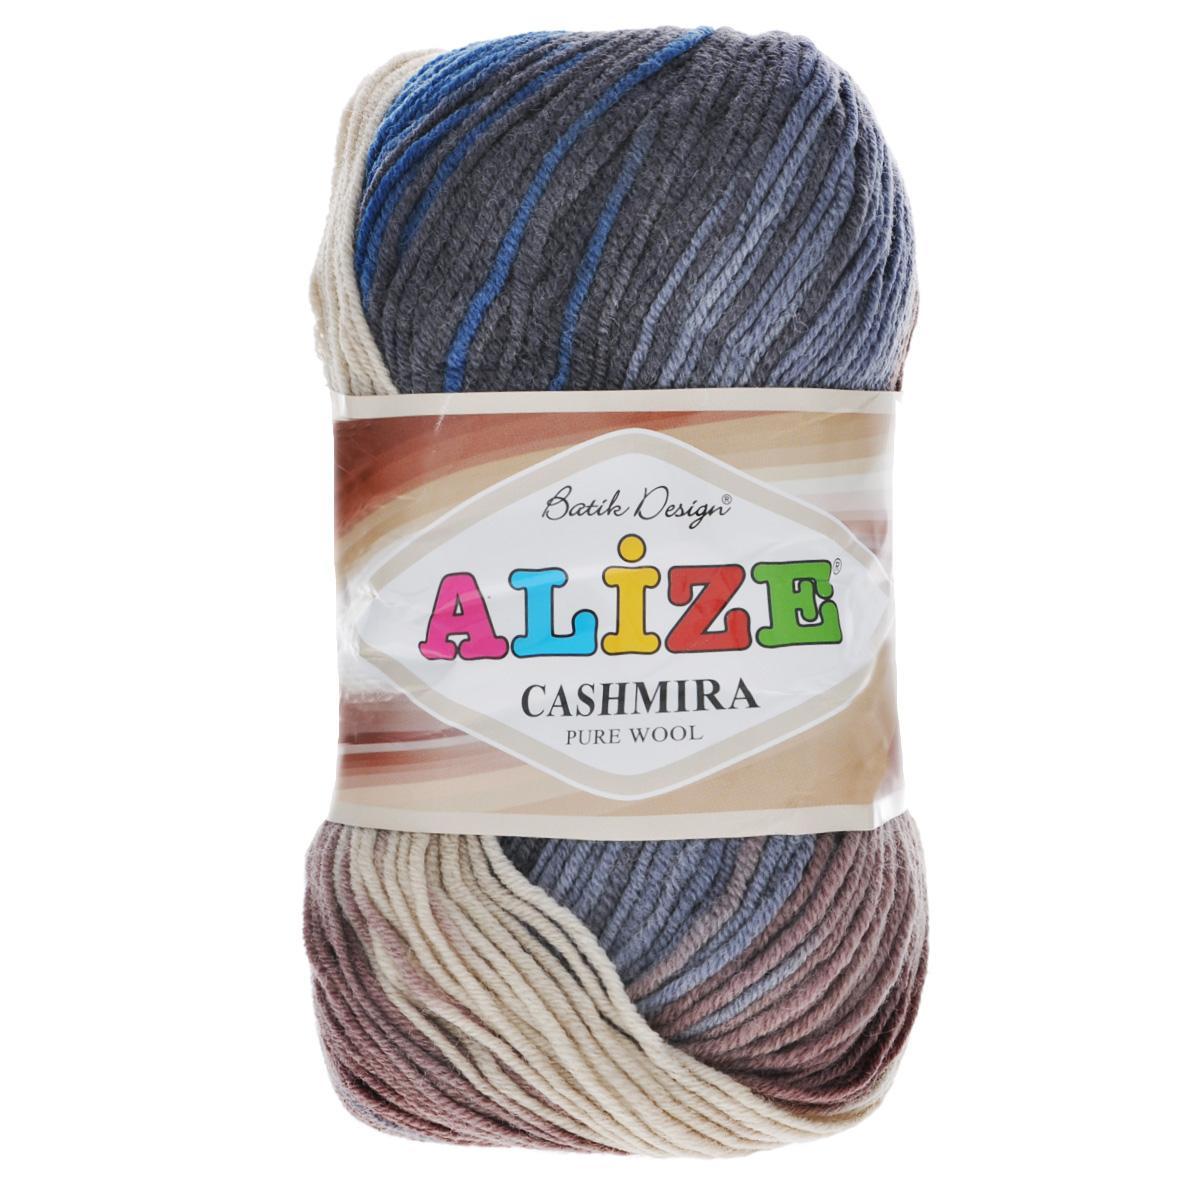 Пряжа для вязания Alize Cashmira Batik, цвет: бежевый, коричневый, серый (2805), 300 м, 100 г, 5 шт364130_2805Пряжа для вязания Alize Cashmira Batik изготовлена из 100% шерсти. Пряжа упругая, эластичная, тёплая, уютная и не колется, что очень подходит для детей. Тоненькая нитка прекрасно подойдет для вязки демисезонных вещей. Пряжа легко распускается и перевязывается несколько раз, не деформируясь и не влияя на вид изделия. Натуральная шерстяная нить, обеспечивает изделию прекрасную форму. Рекомендуется ручная стирка при температуре 30 °C. Рекомендованные спицы № 3-5, крючок № 2-4. С такой пряжей для ручного вязания вы сможете связать своими руками необычные и красивые вещи.